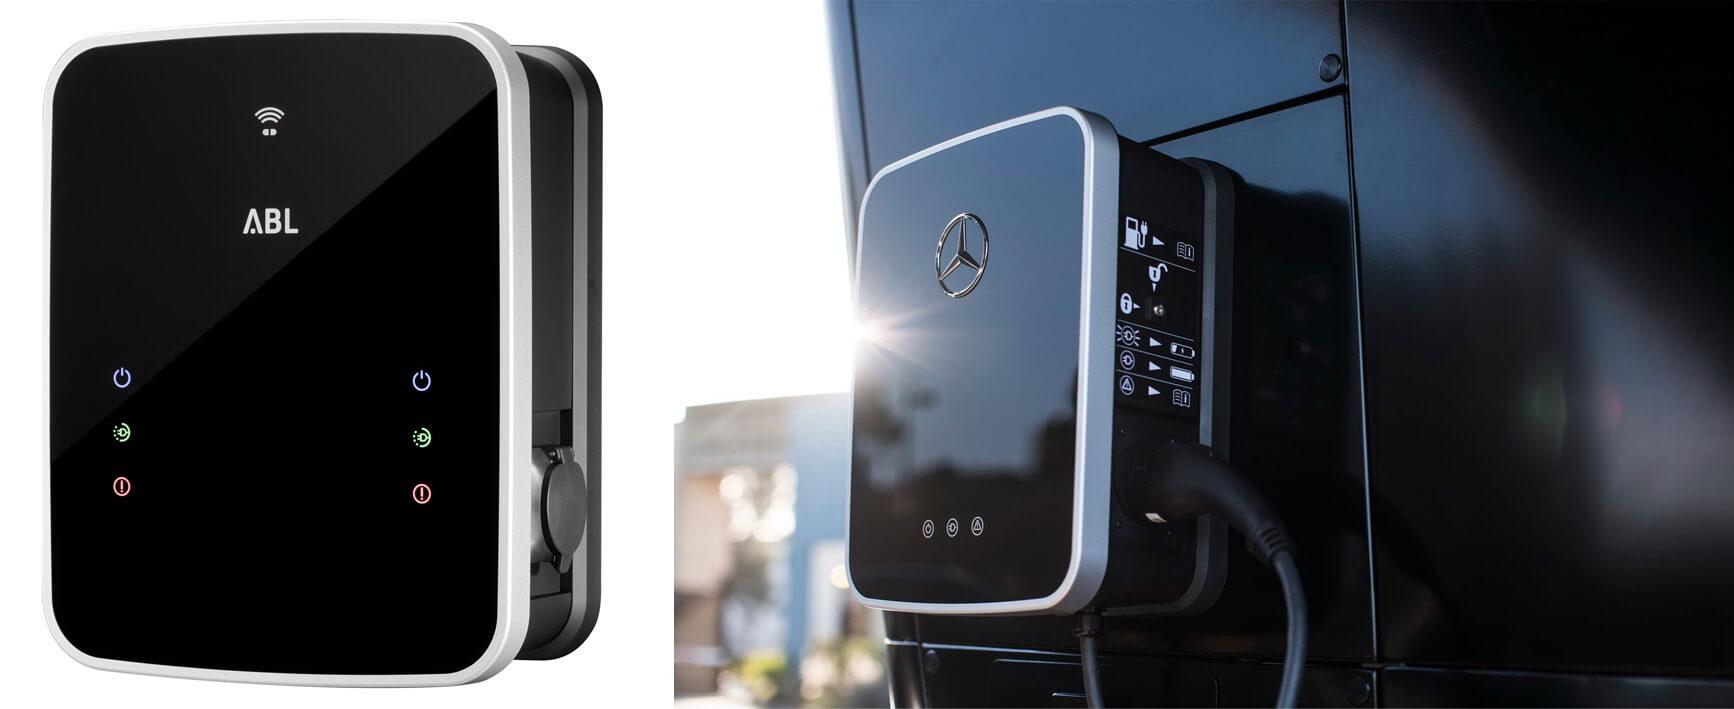 Настенные зарядные станции ABL Sursum и Mercedes-Benz